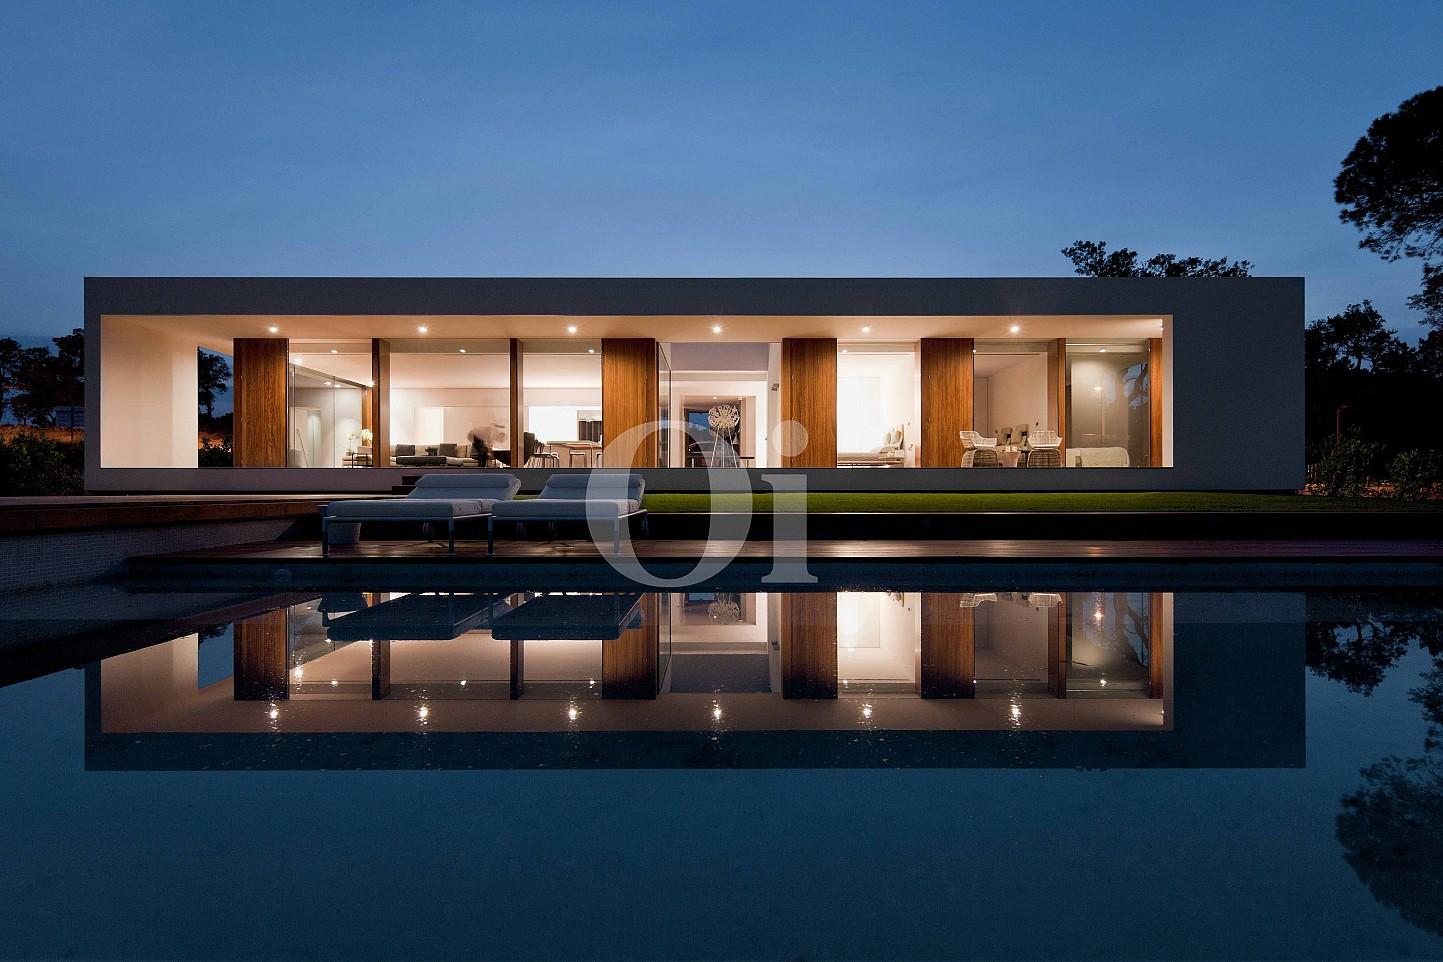 Exclusiva vivienda con luminosas vistas a la maravillosa piscina y pequeño jardín de lujo en casa en venta ubicada en Caldes de Malavella